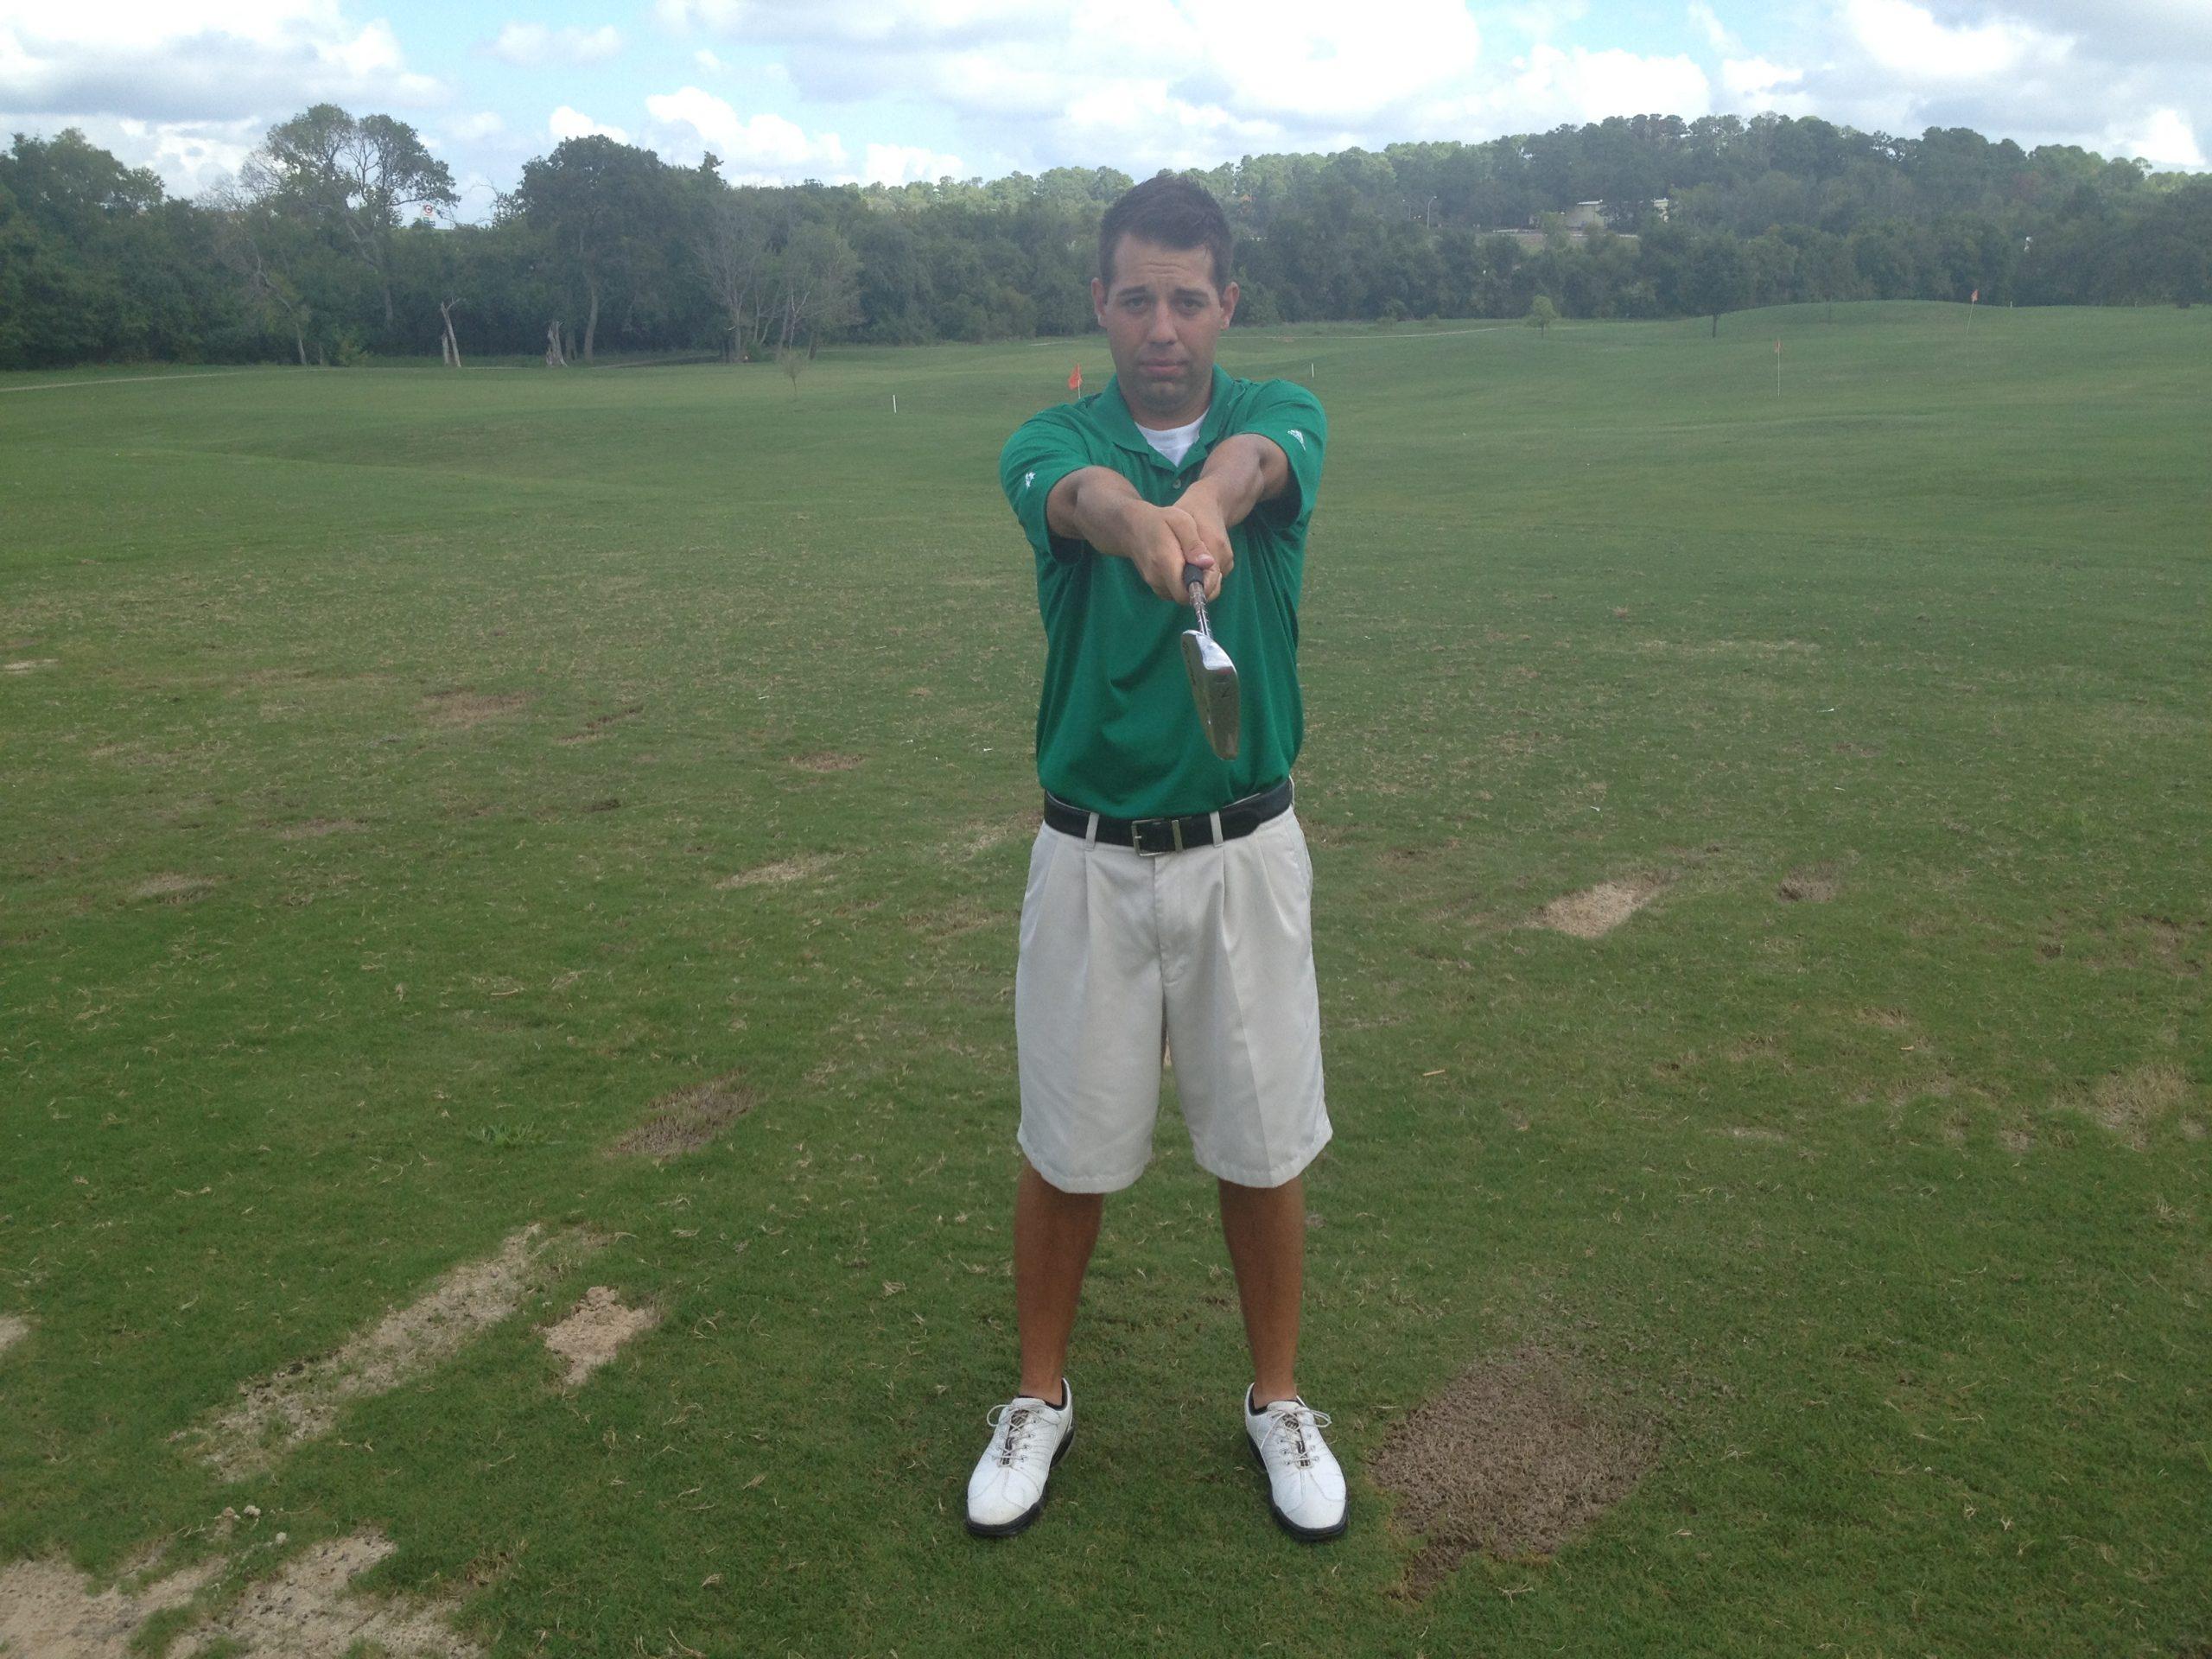 Golf Grip Secrets